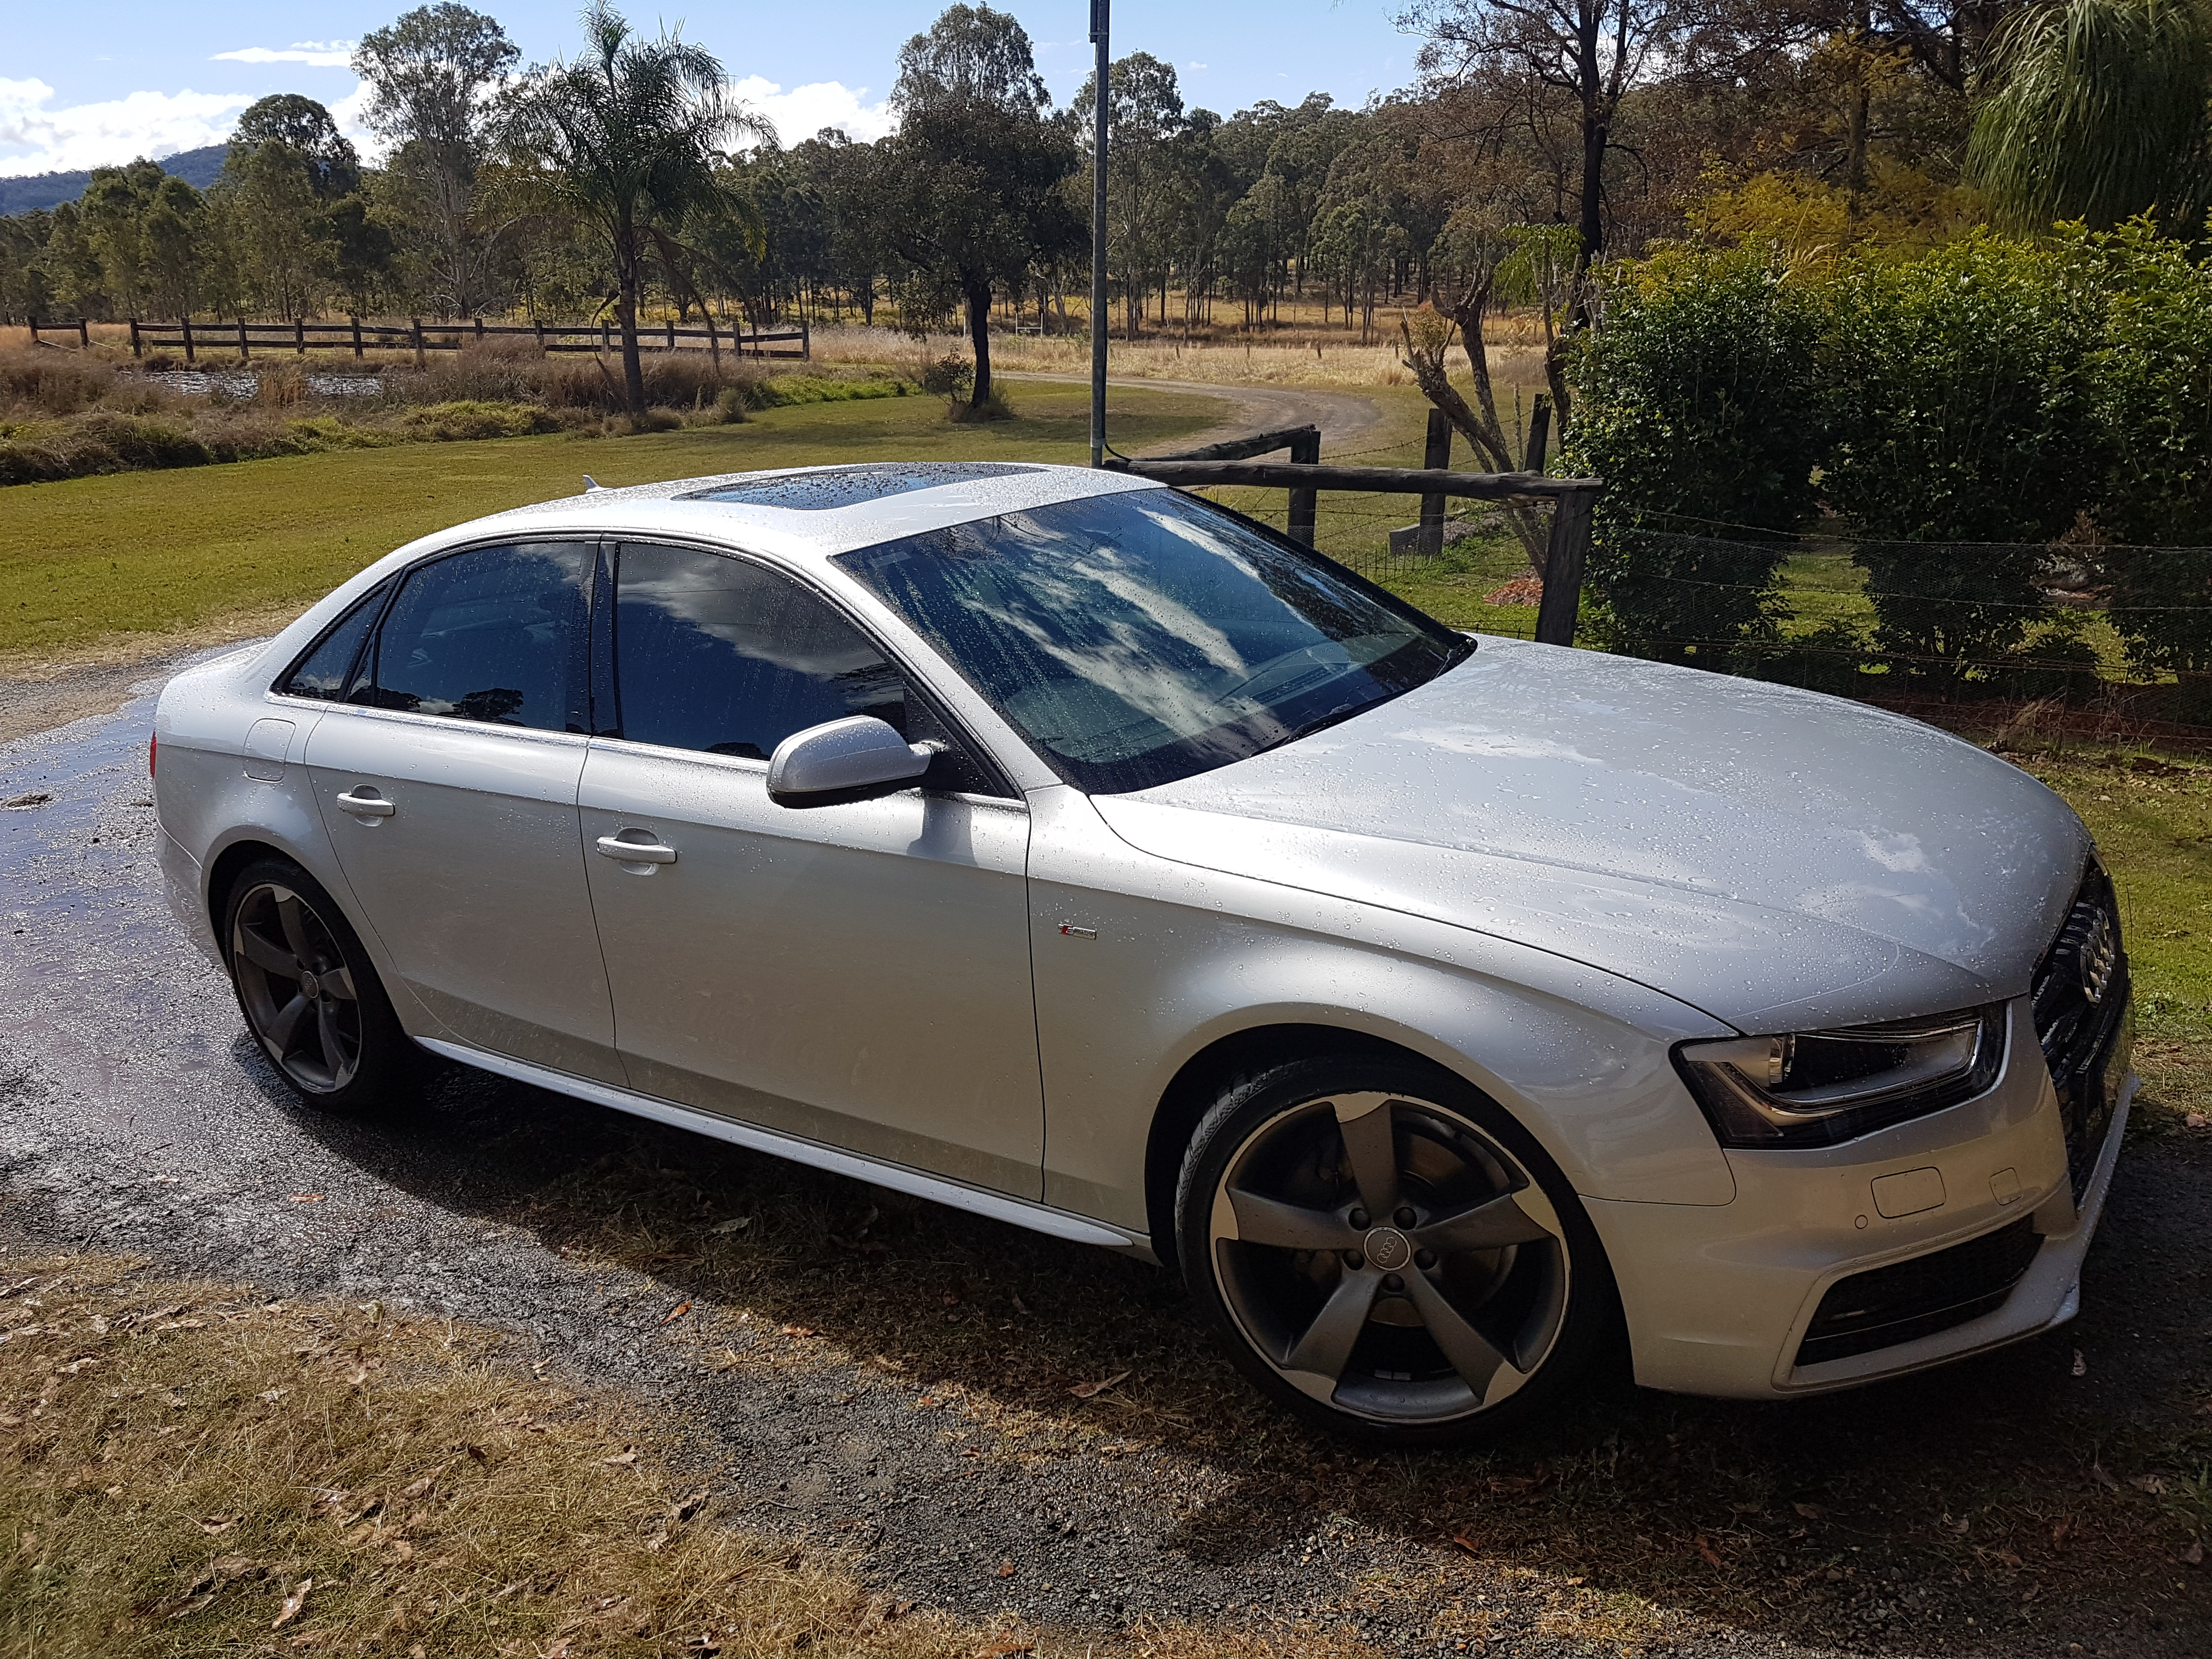 Kelebihan Kekurangan Audi A4 1.8 Turbo Perbandingan Harga